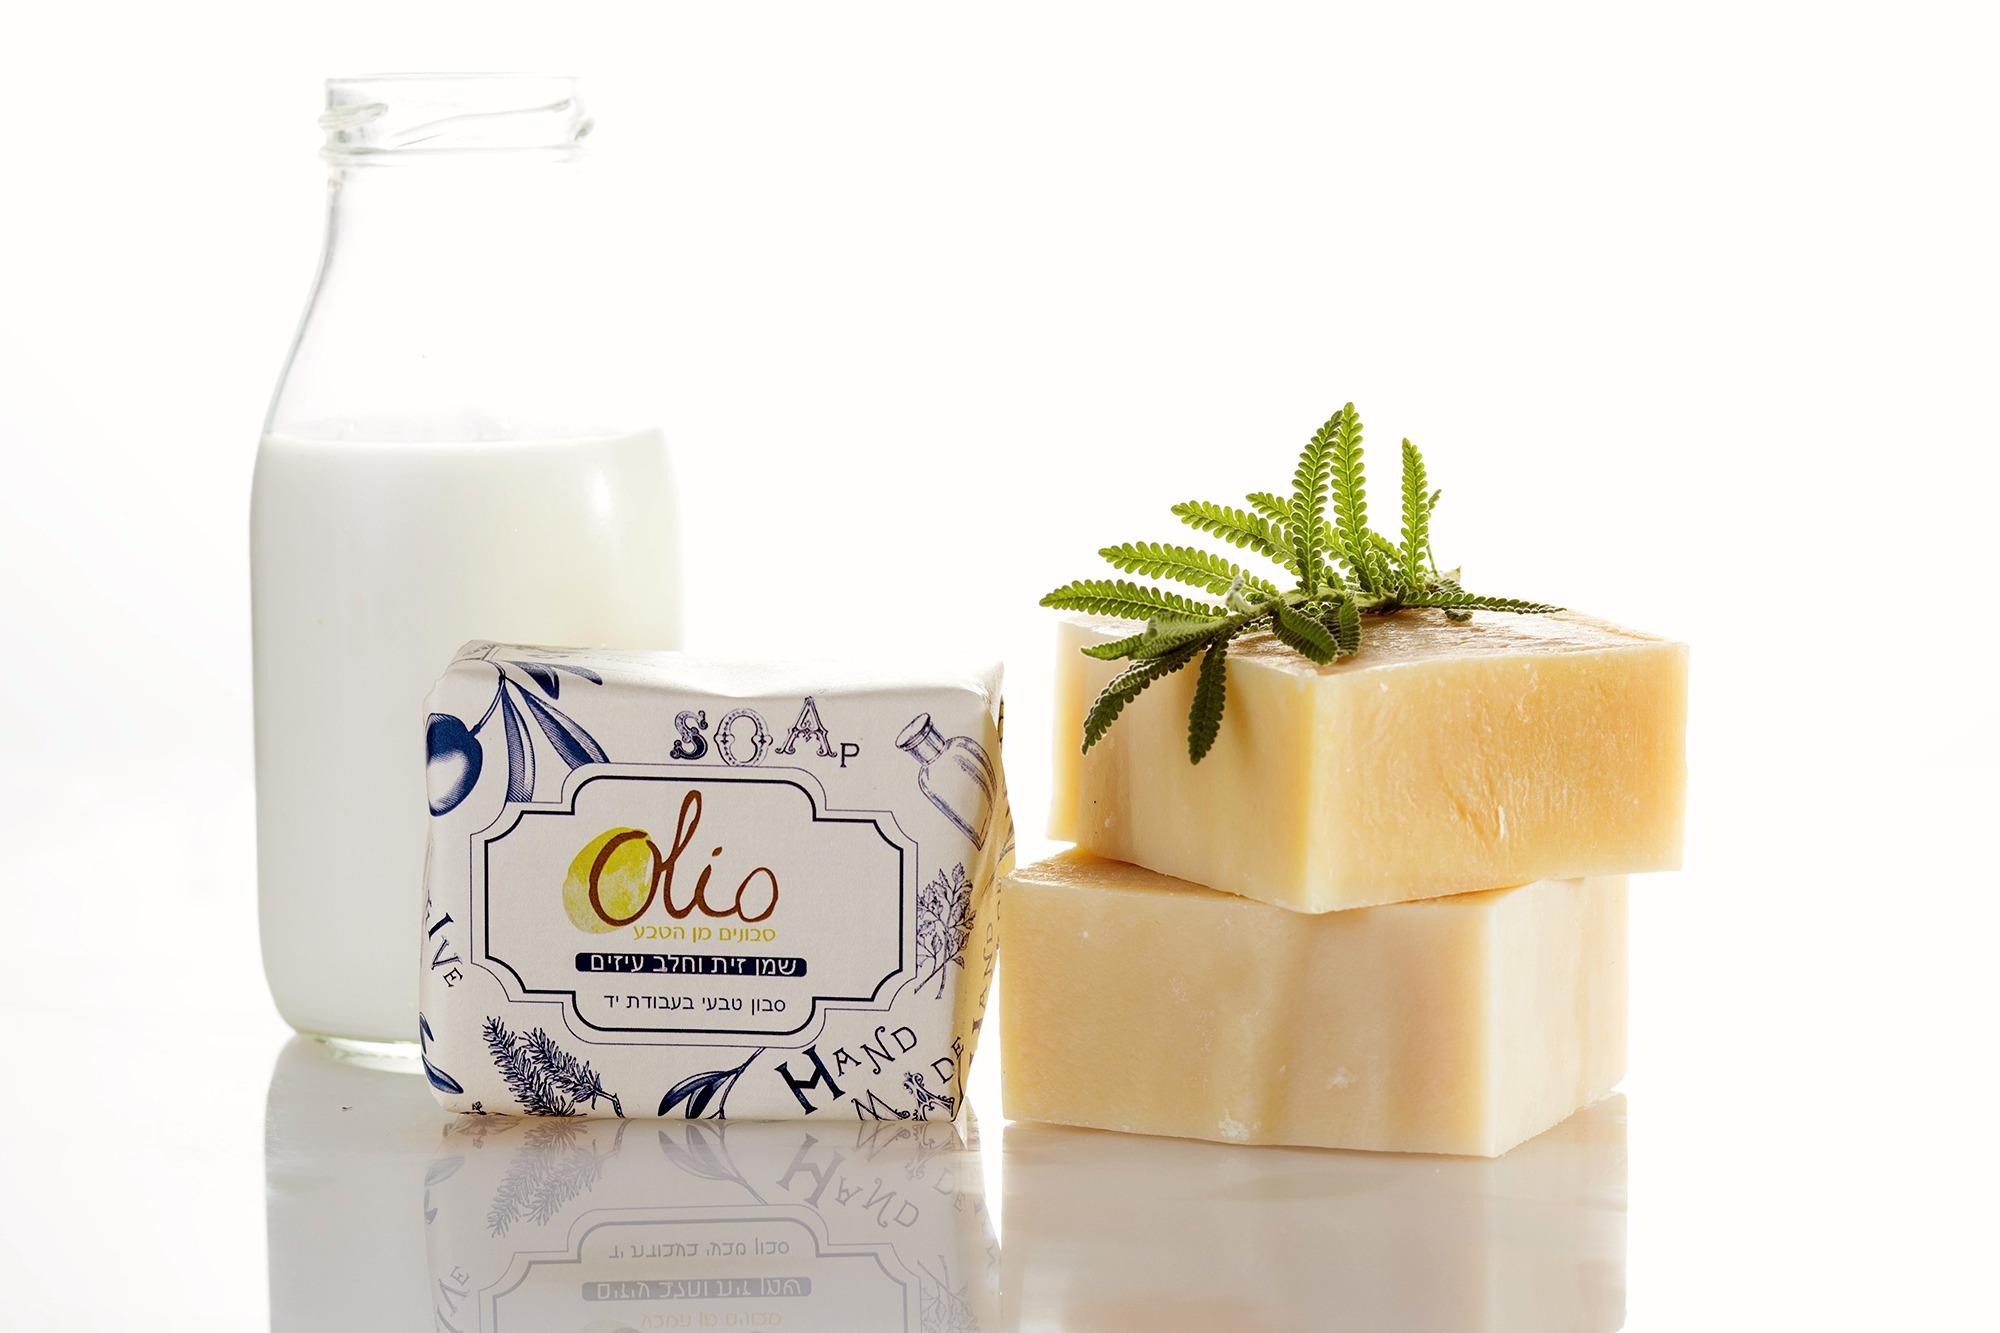 סבון קסטילי חלב עיזים לעור רגיש בריח עדין של לבנדר